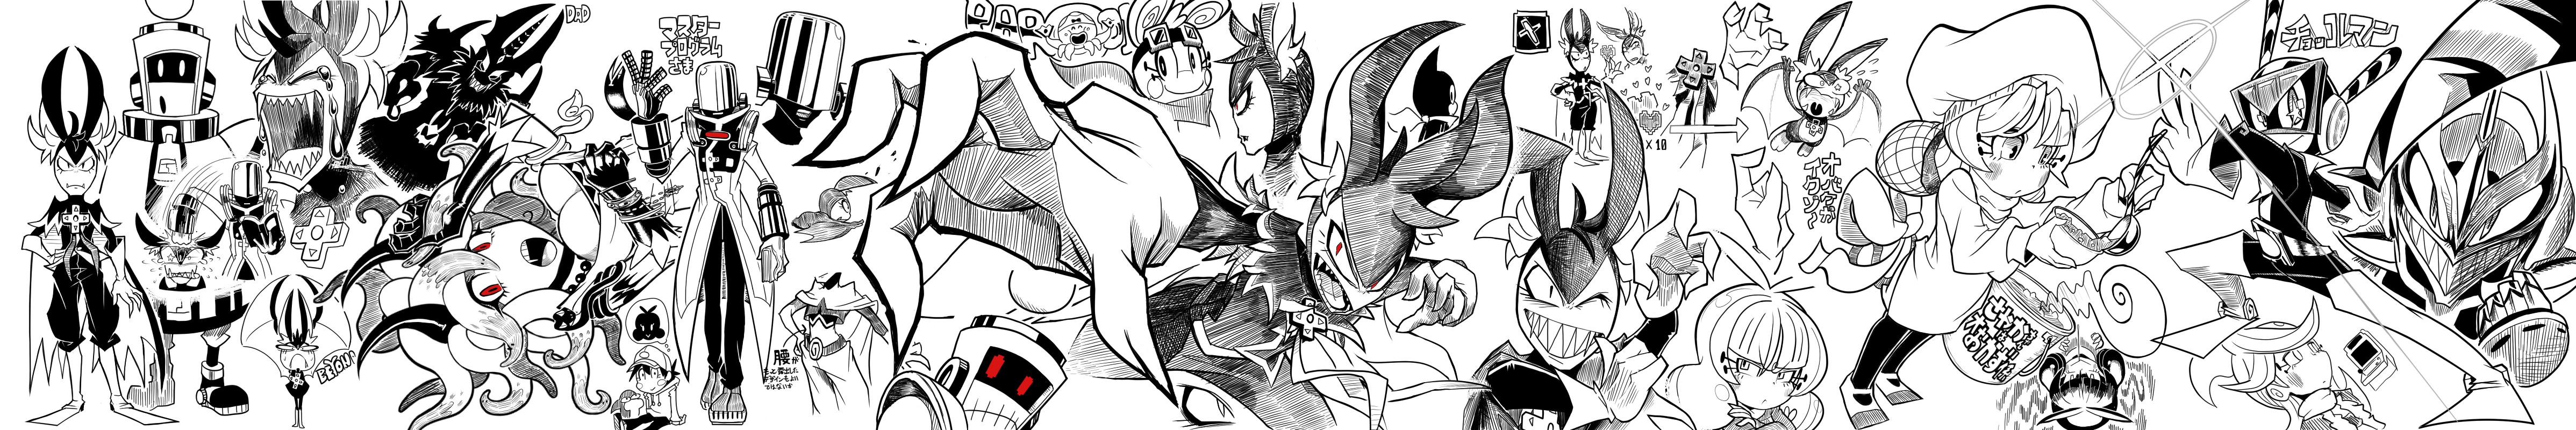 doodle_original. by Gashi-gashi